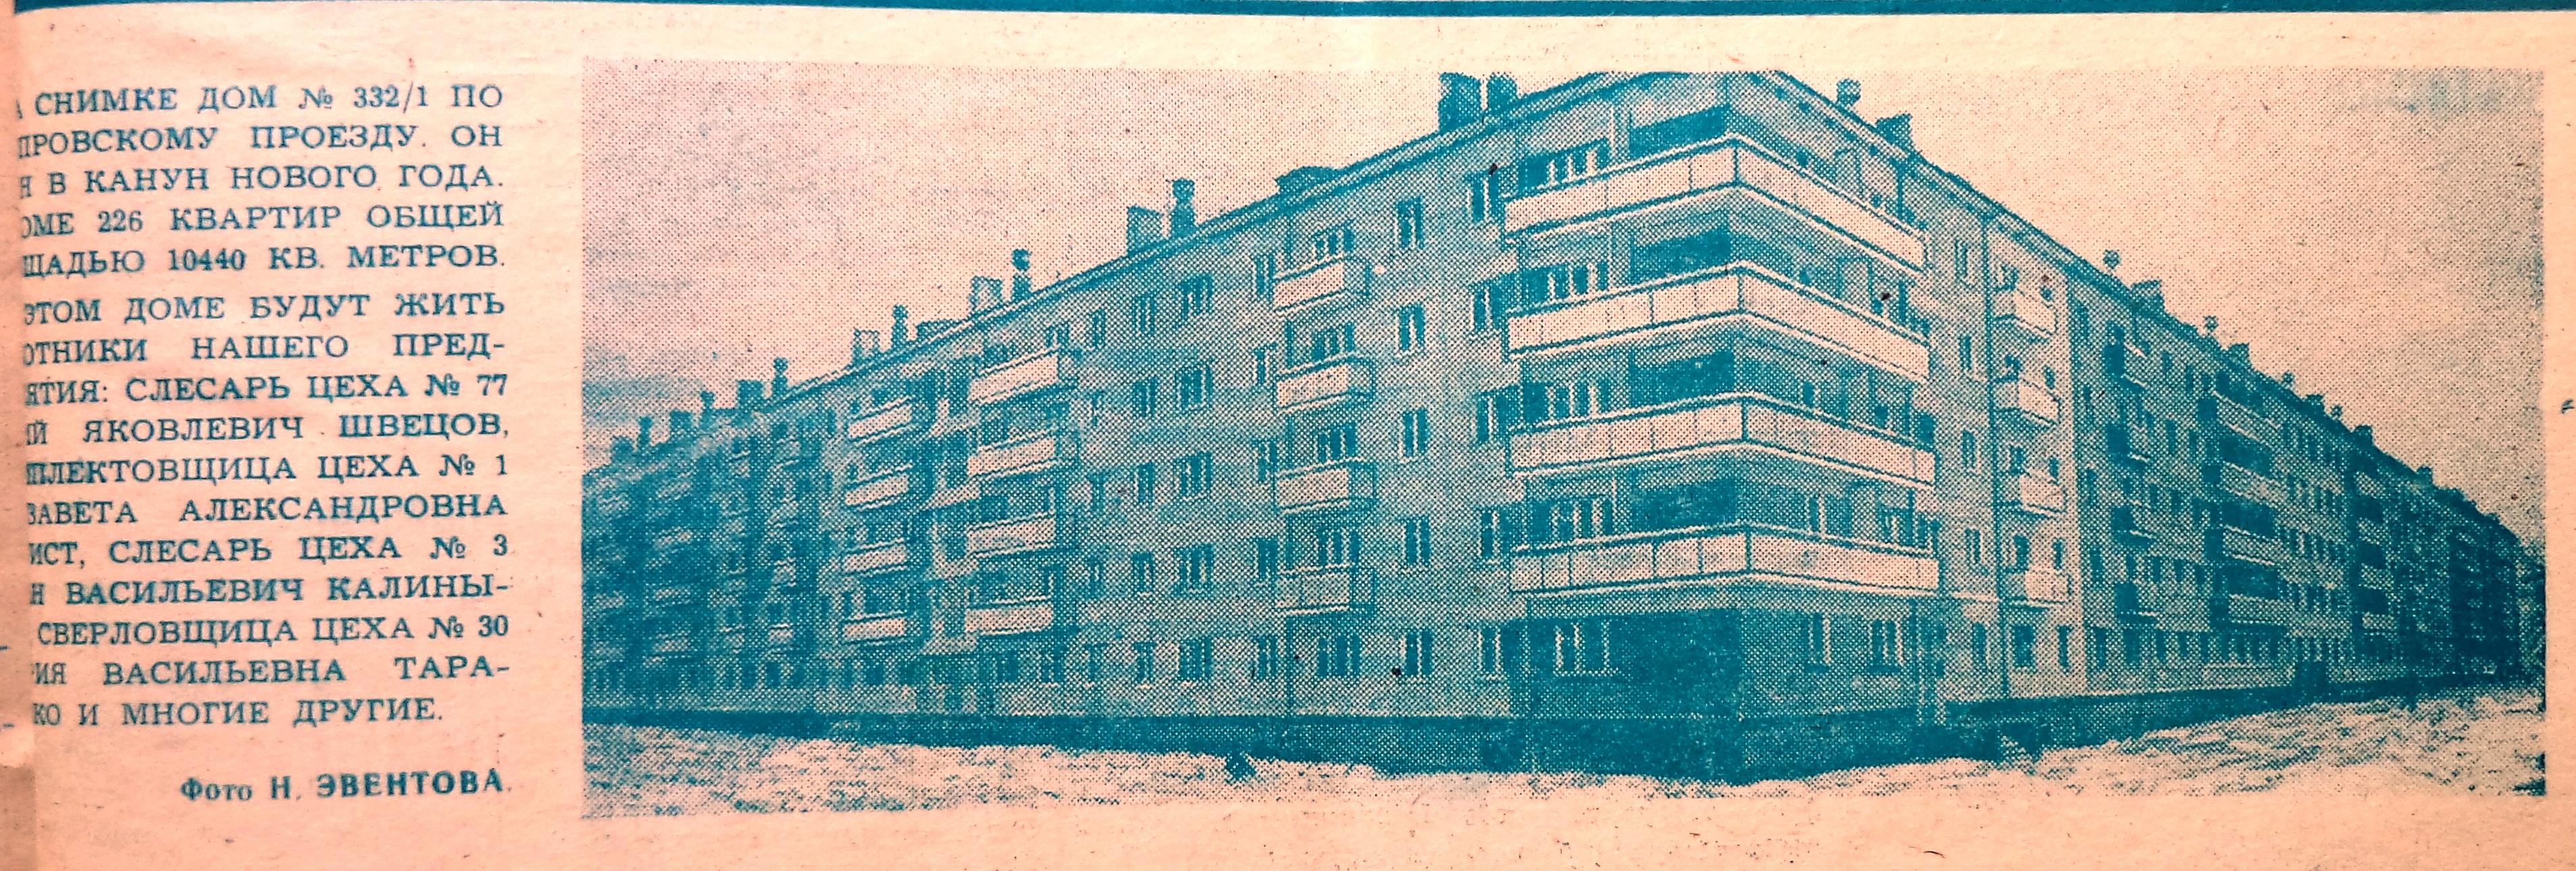 Днепровский-ФОТО-06-Заводская-жизнь-1972-29-декабря-1